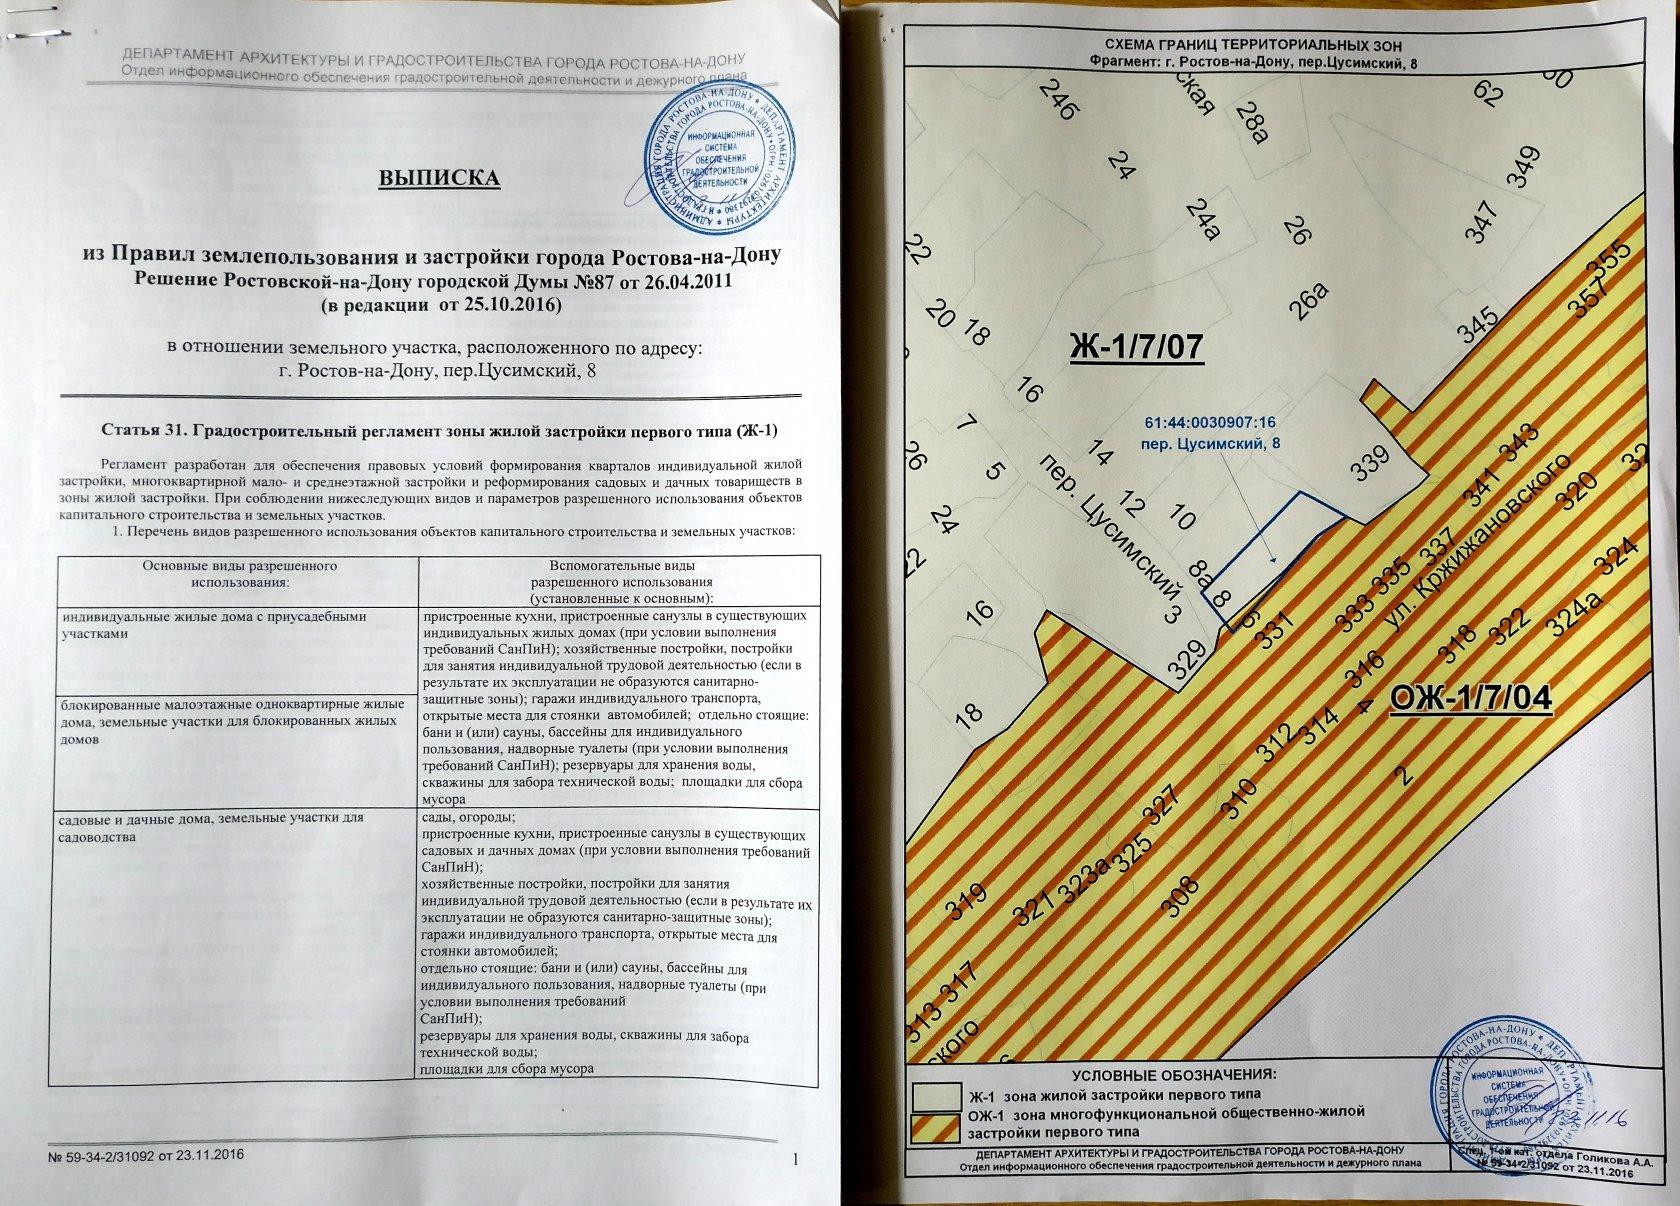 земельный регламент участок